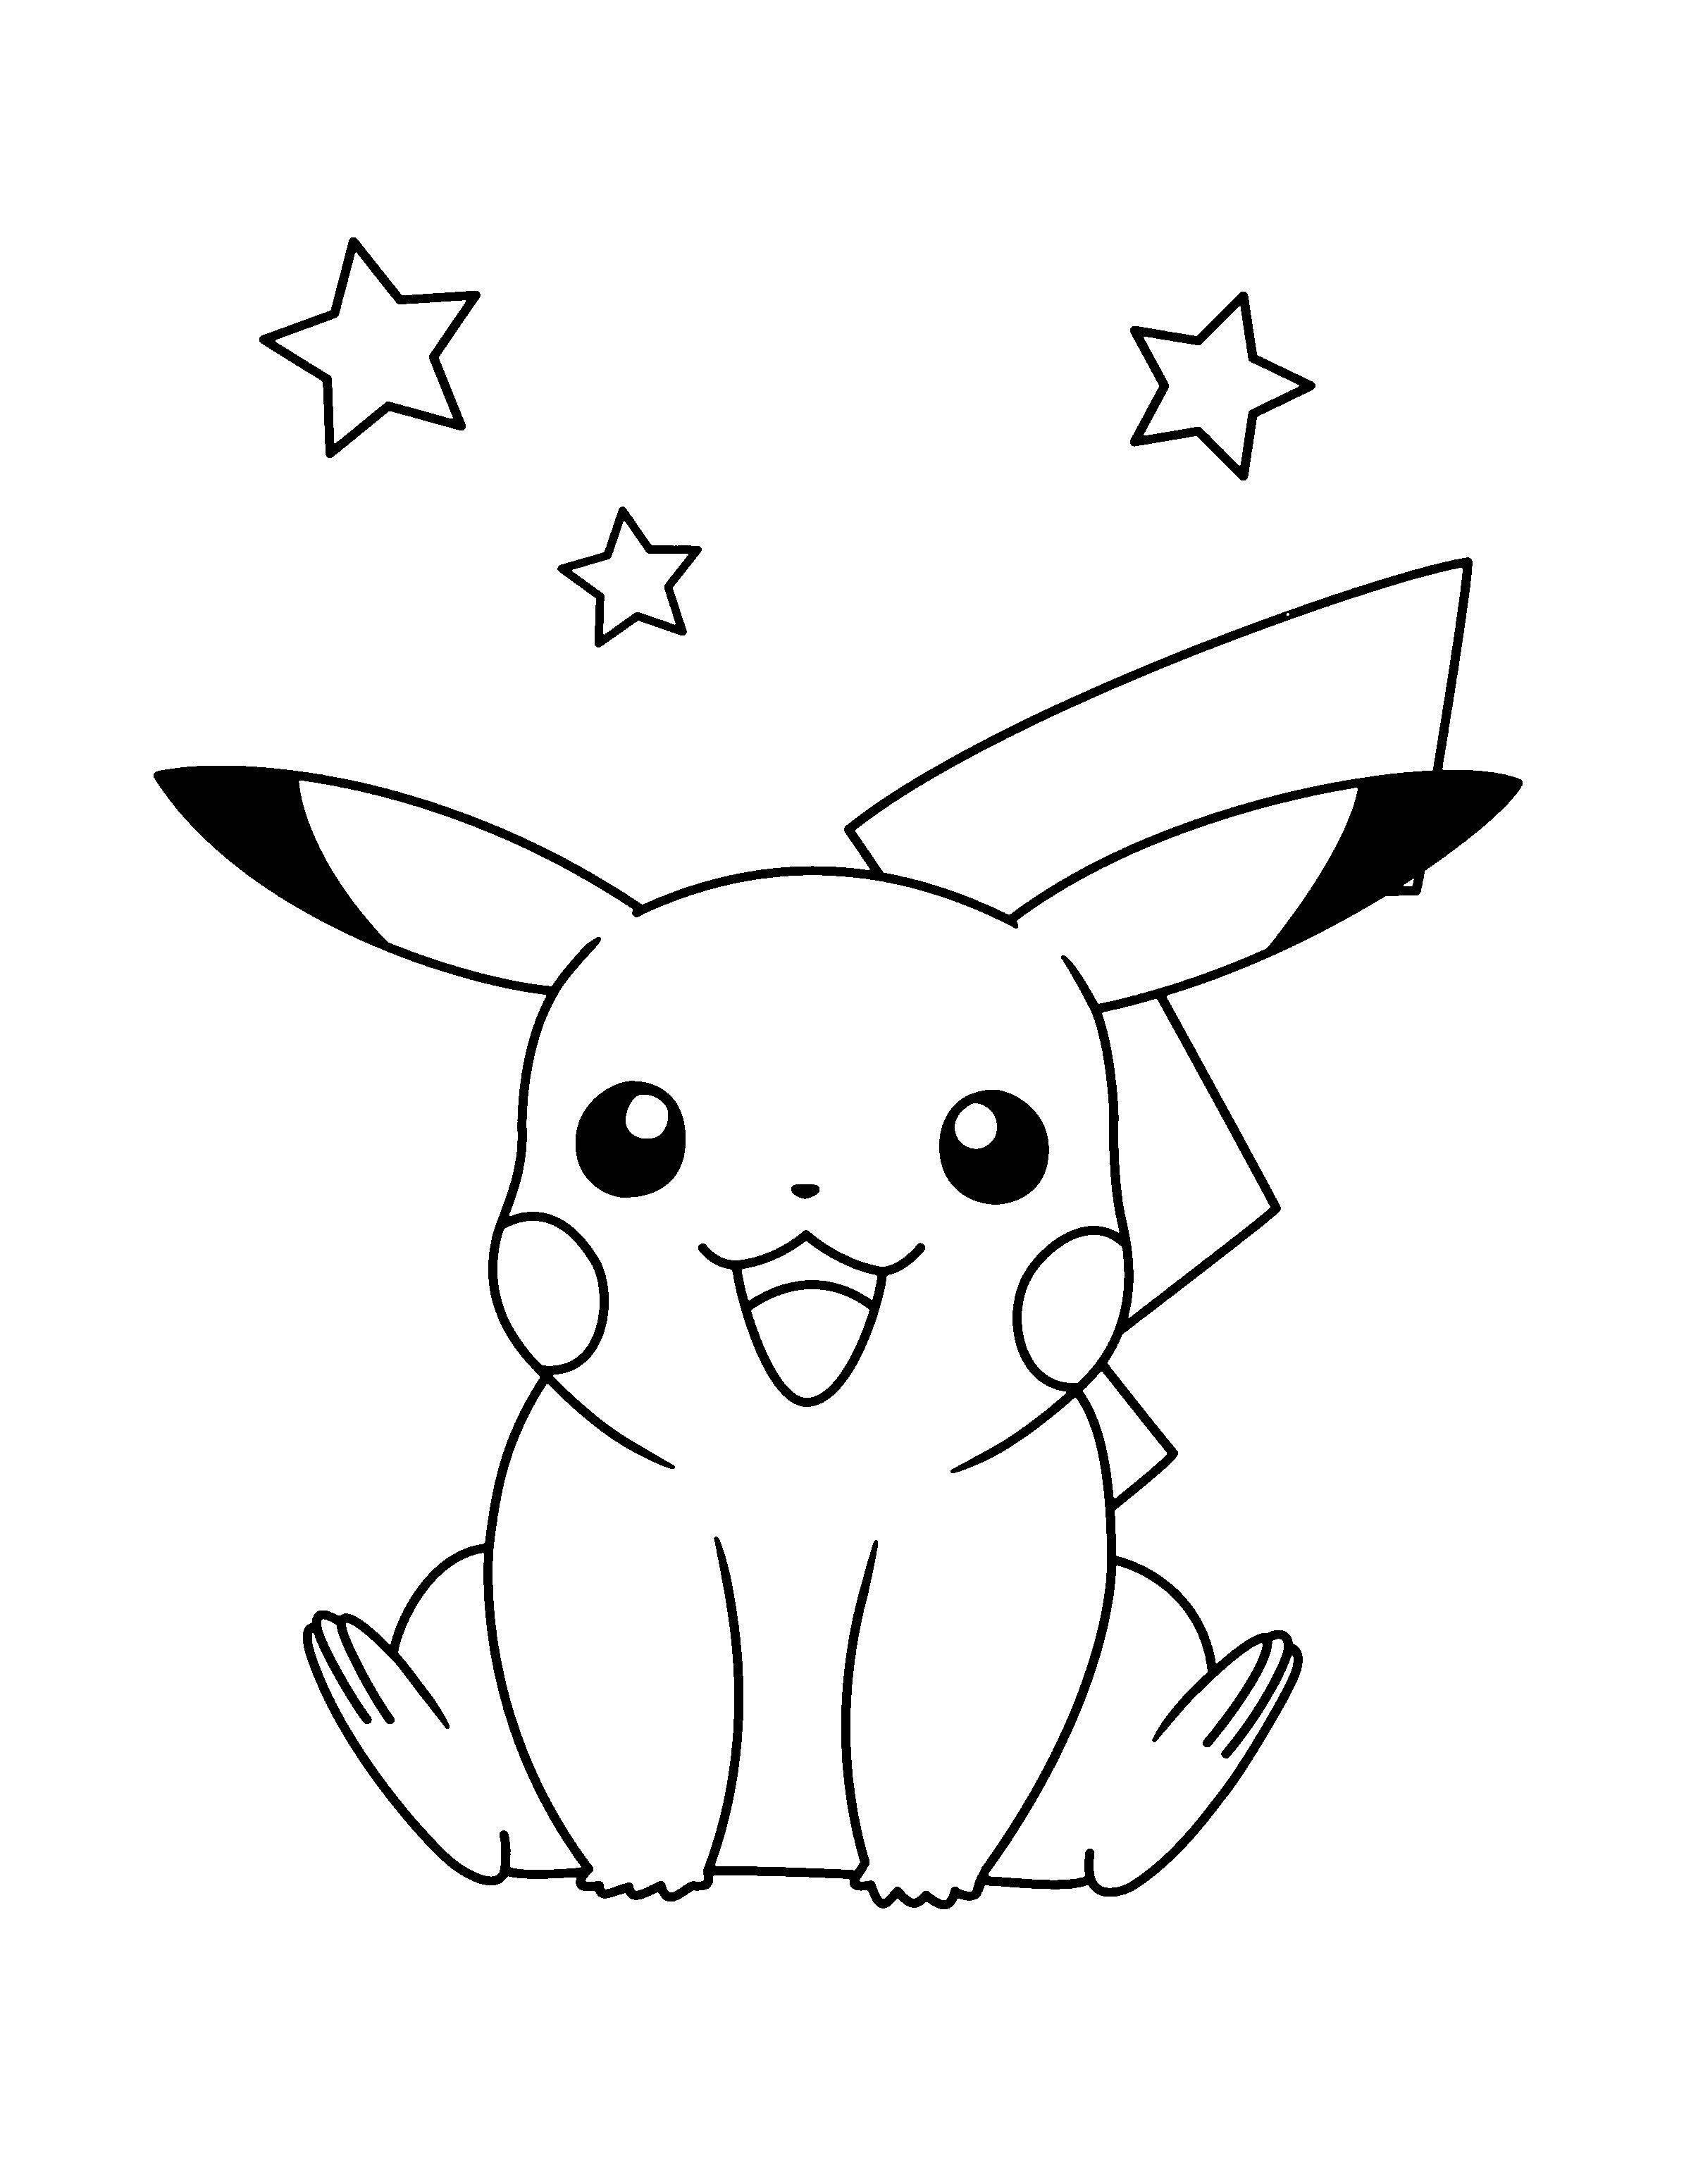 Malvorlagen Pokemon Pikachu Einzigartig Pichu Coloring Pages Luxury Ausmalbilder Pokemon Pikachu Neu Bilder